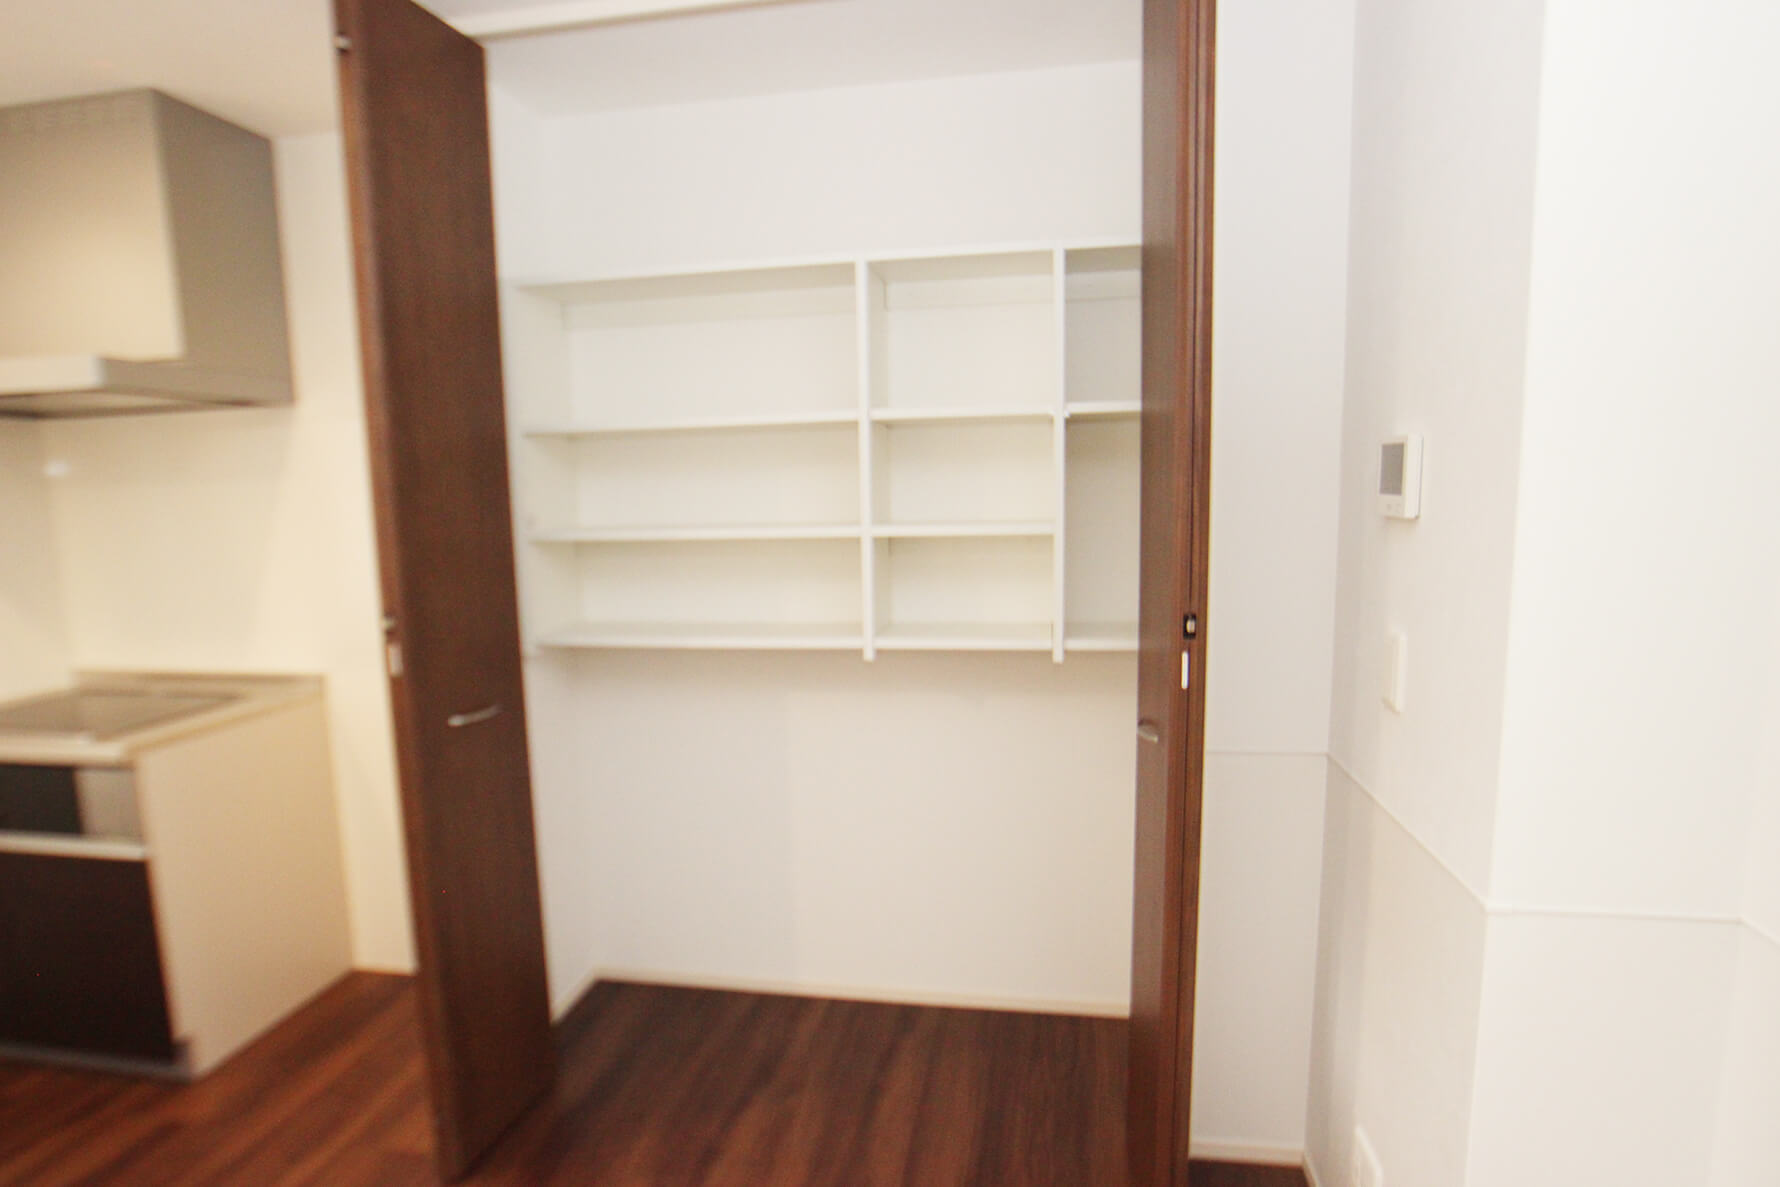 401号室のLDKの収納は開けるとこんな感じになってます。